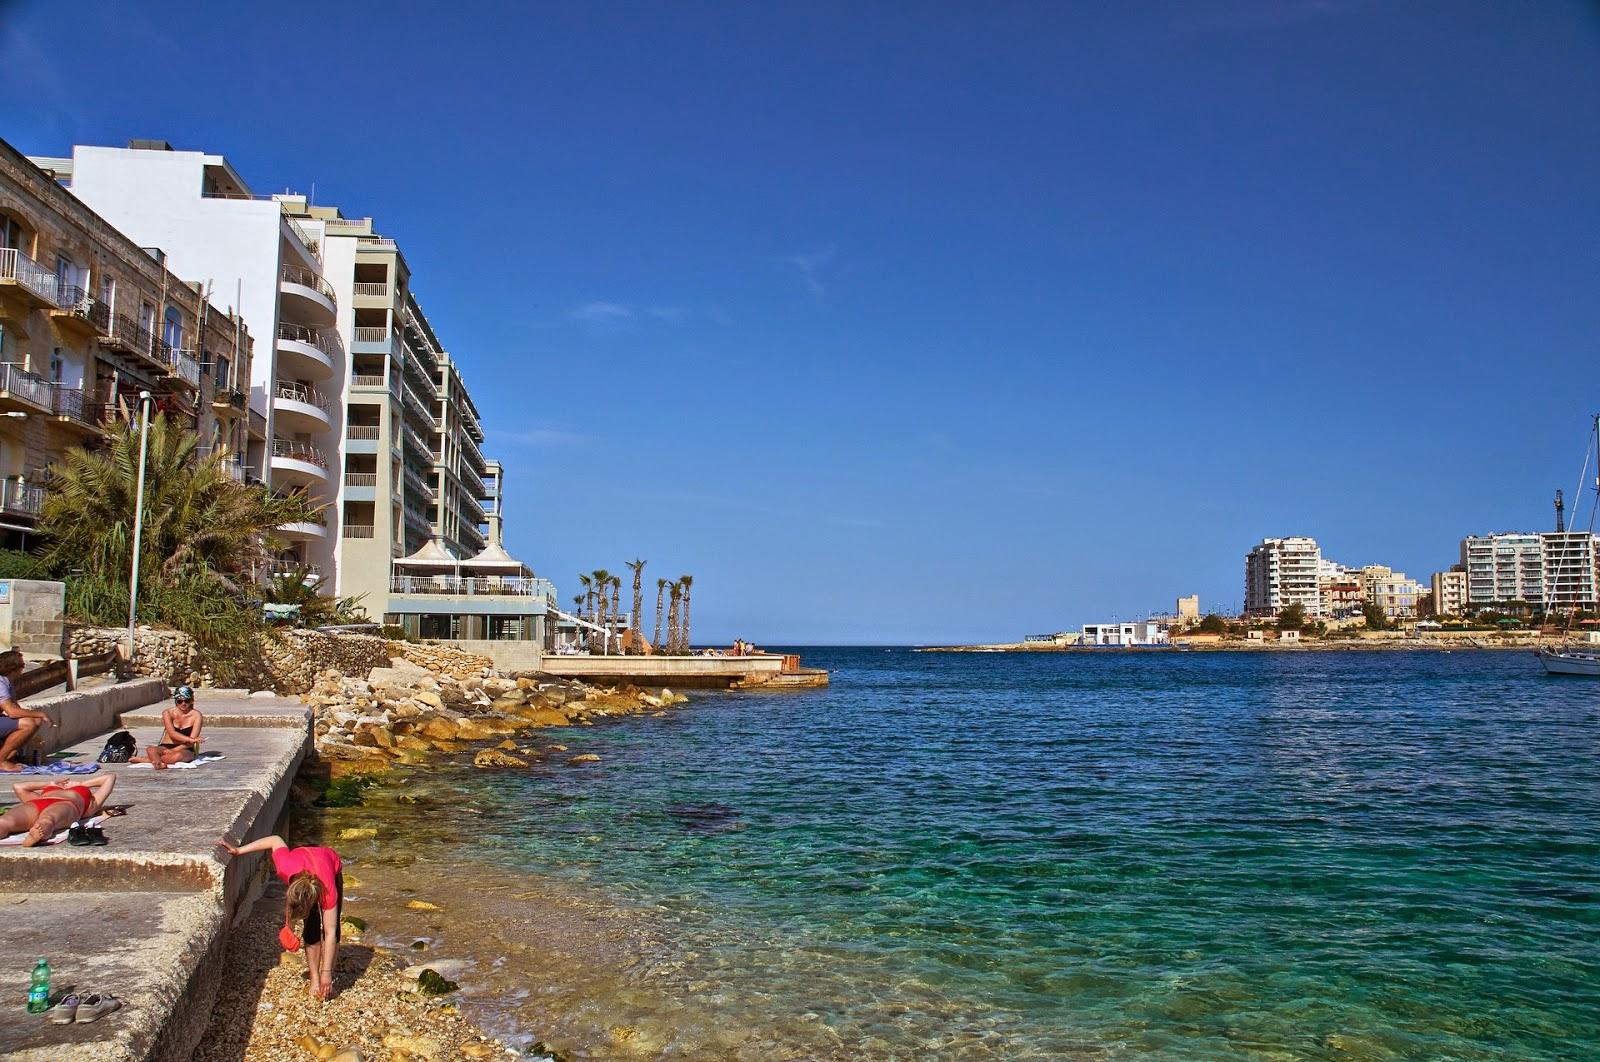 miejsce do kąpieli na Malcie, żwirowe plaże